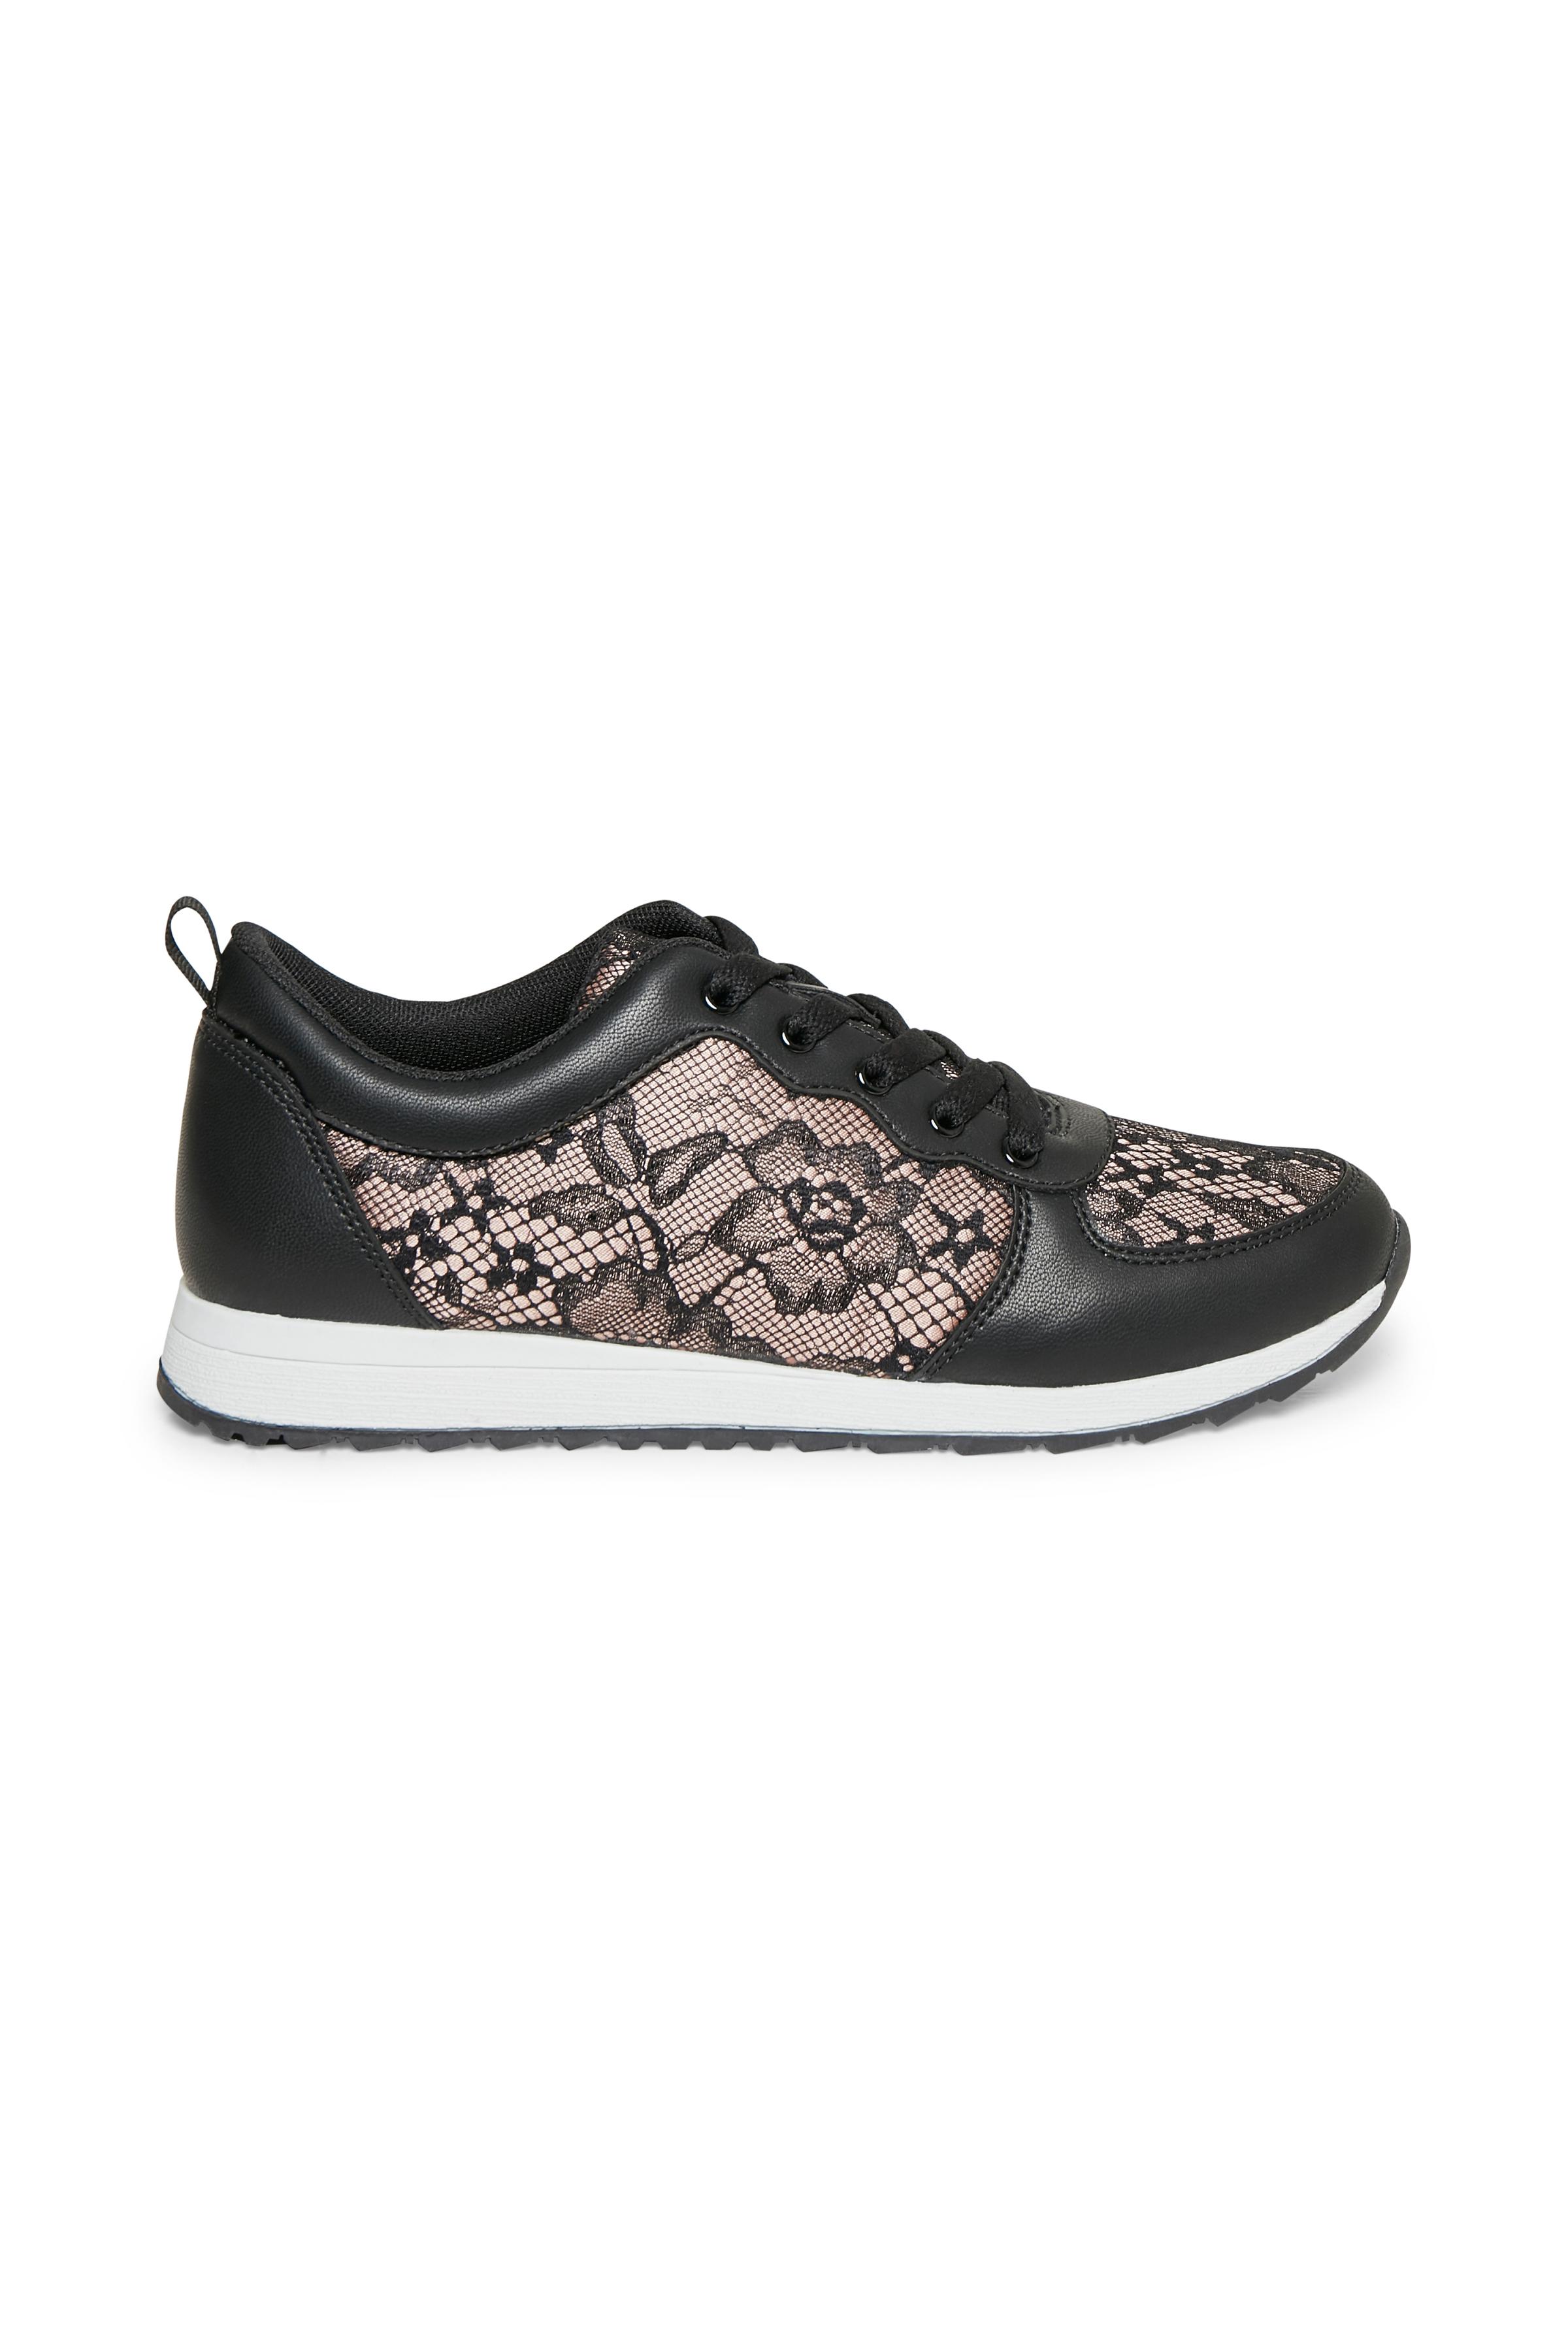 Schwarz Sneakers von Cream Accessories – Shoppen Sie Schwarz Sneakers ab Gr. 36-41 hier